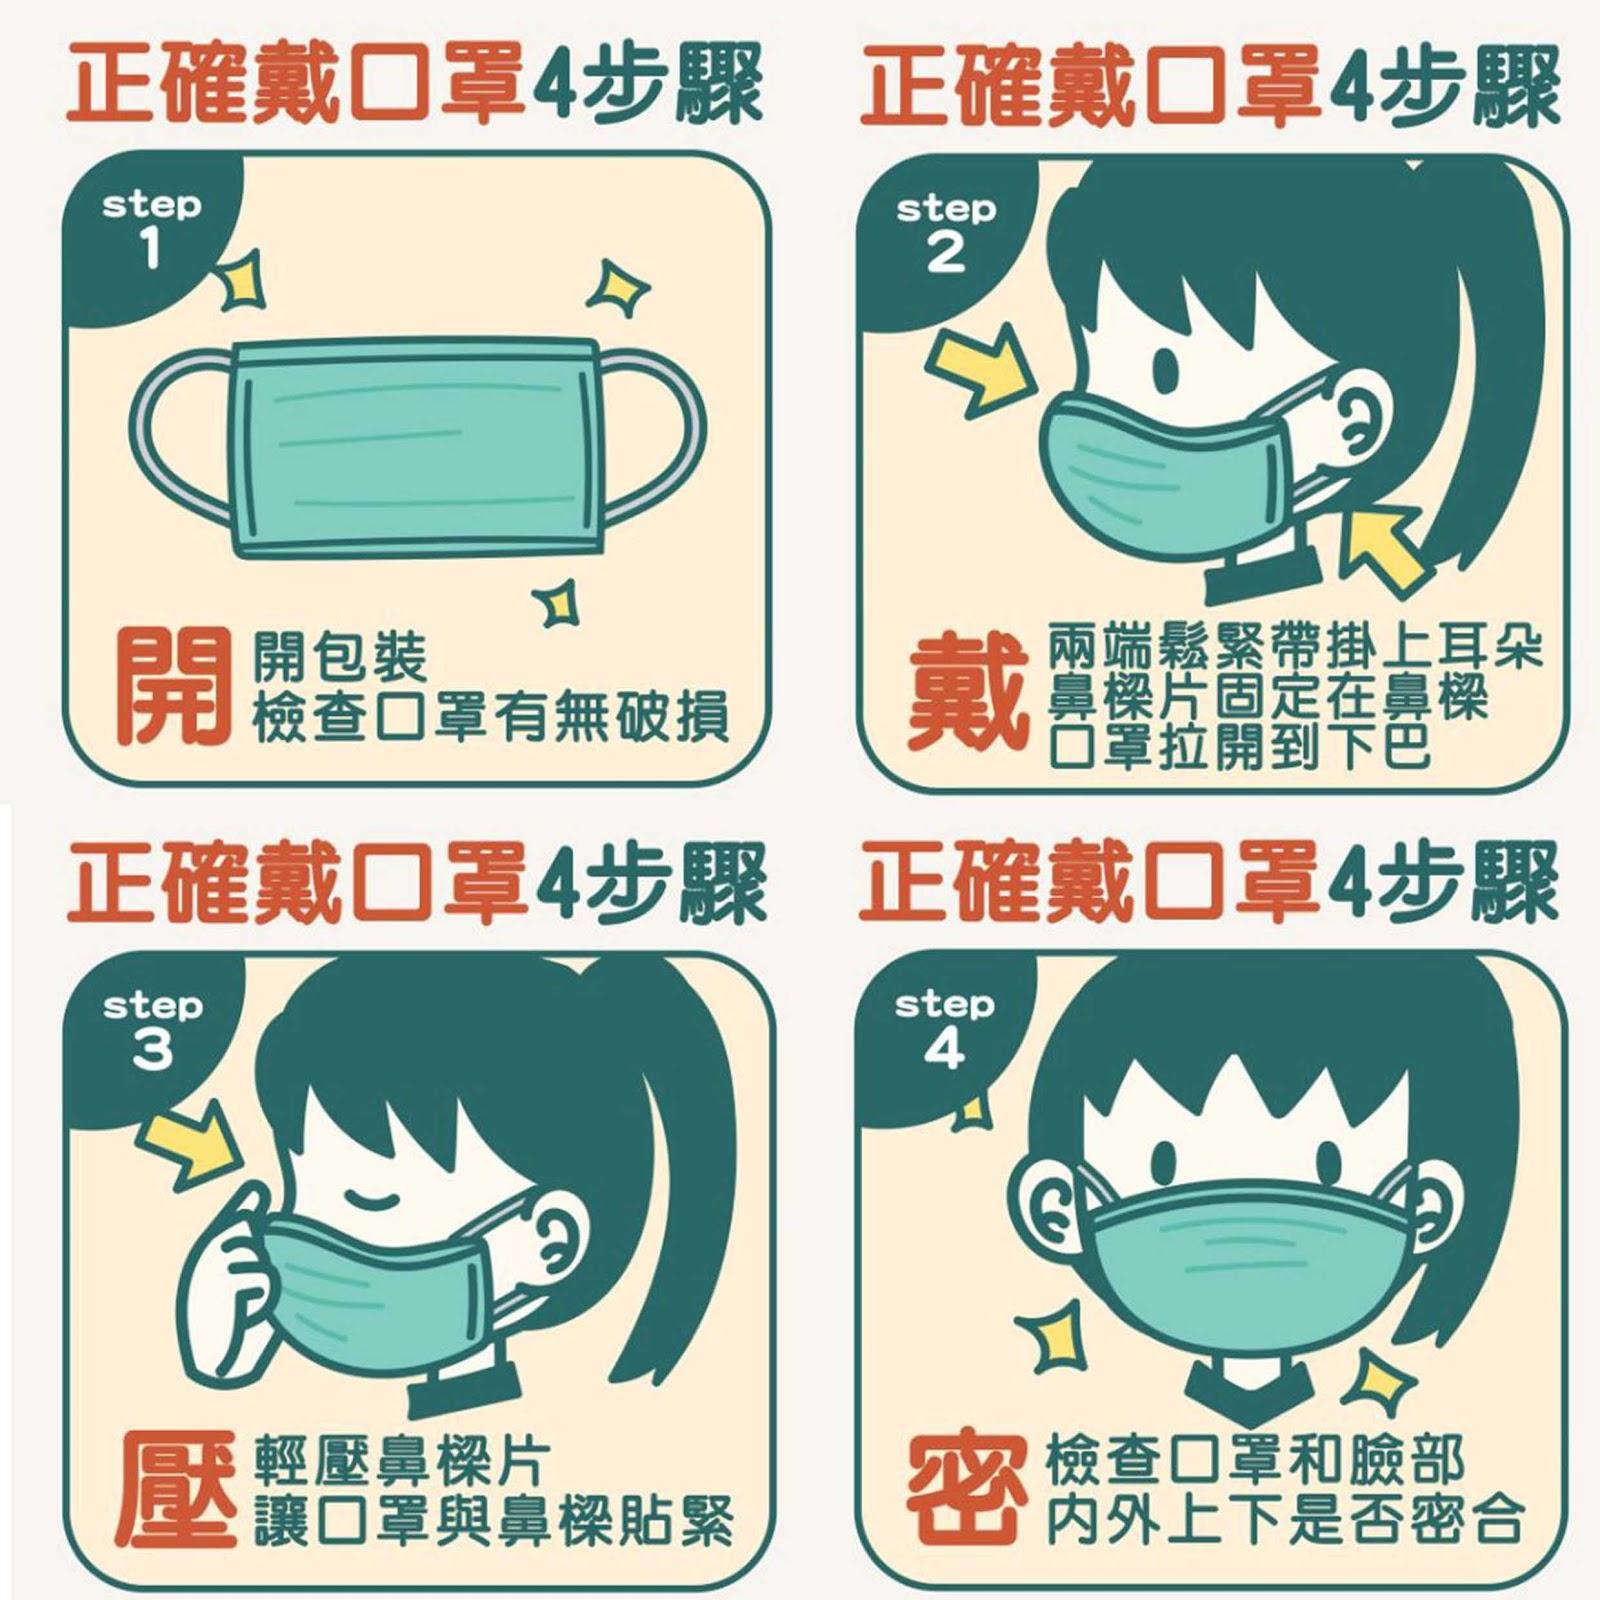 帶口罩方法